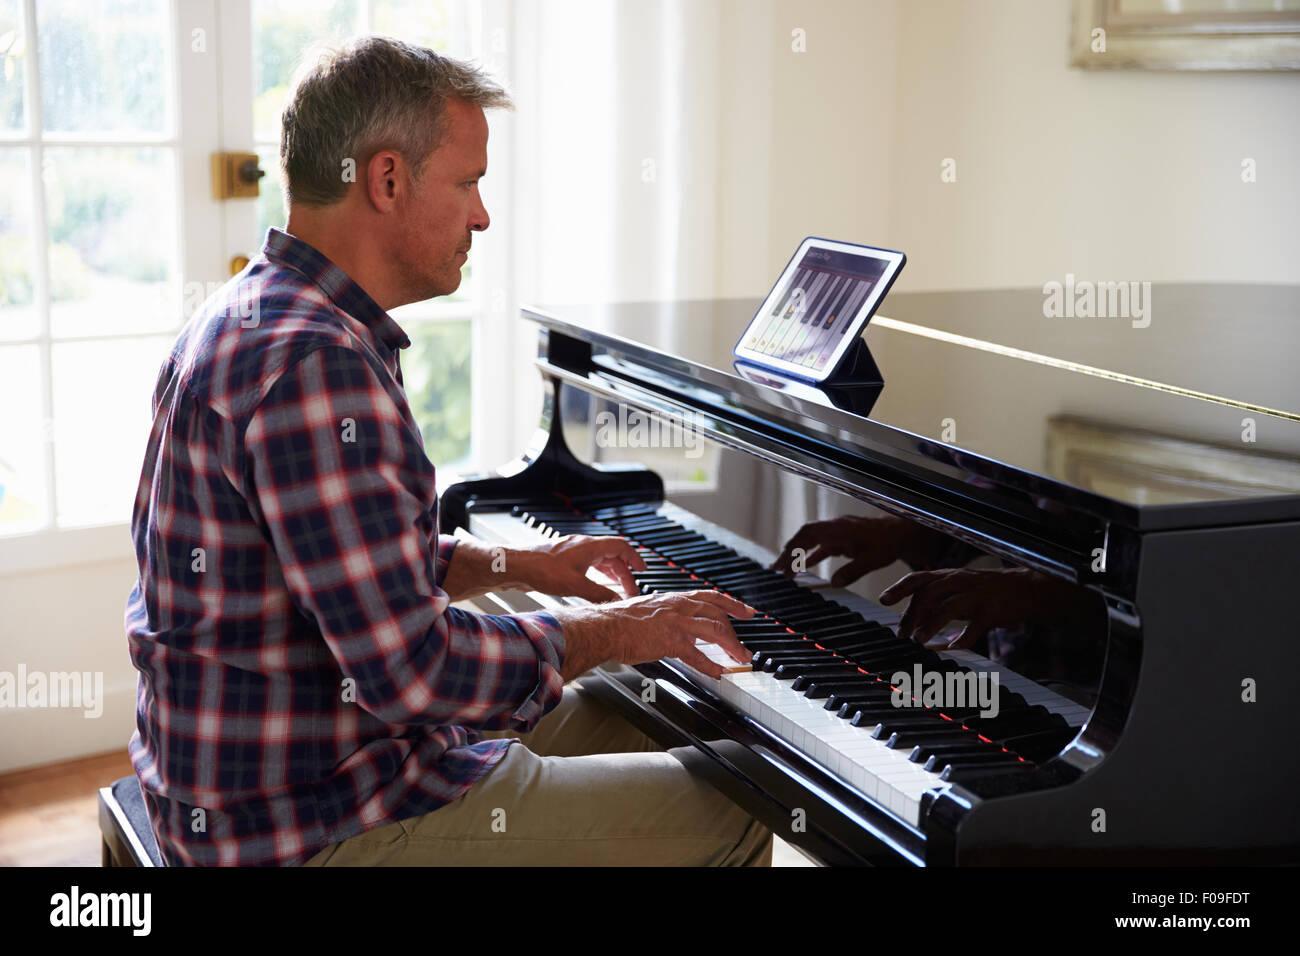 Mann mit Digital-Tablette Anwendung Klavierspielen lernen Stockbild